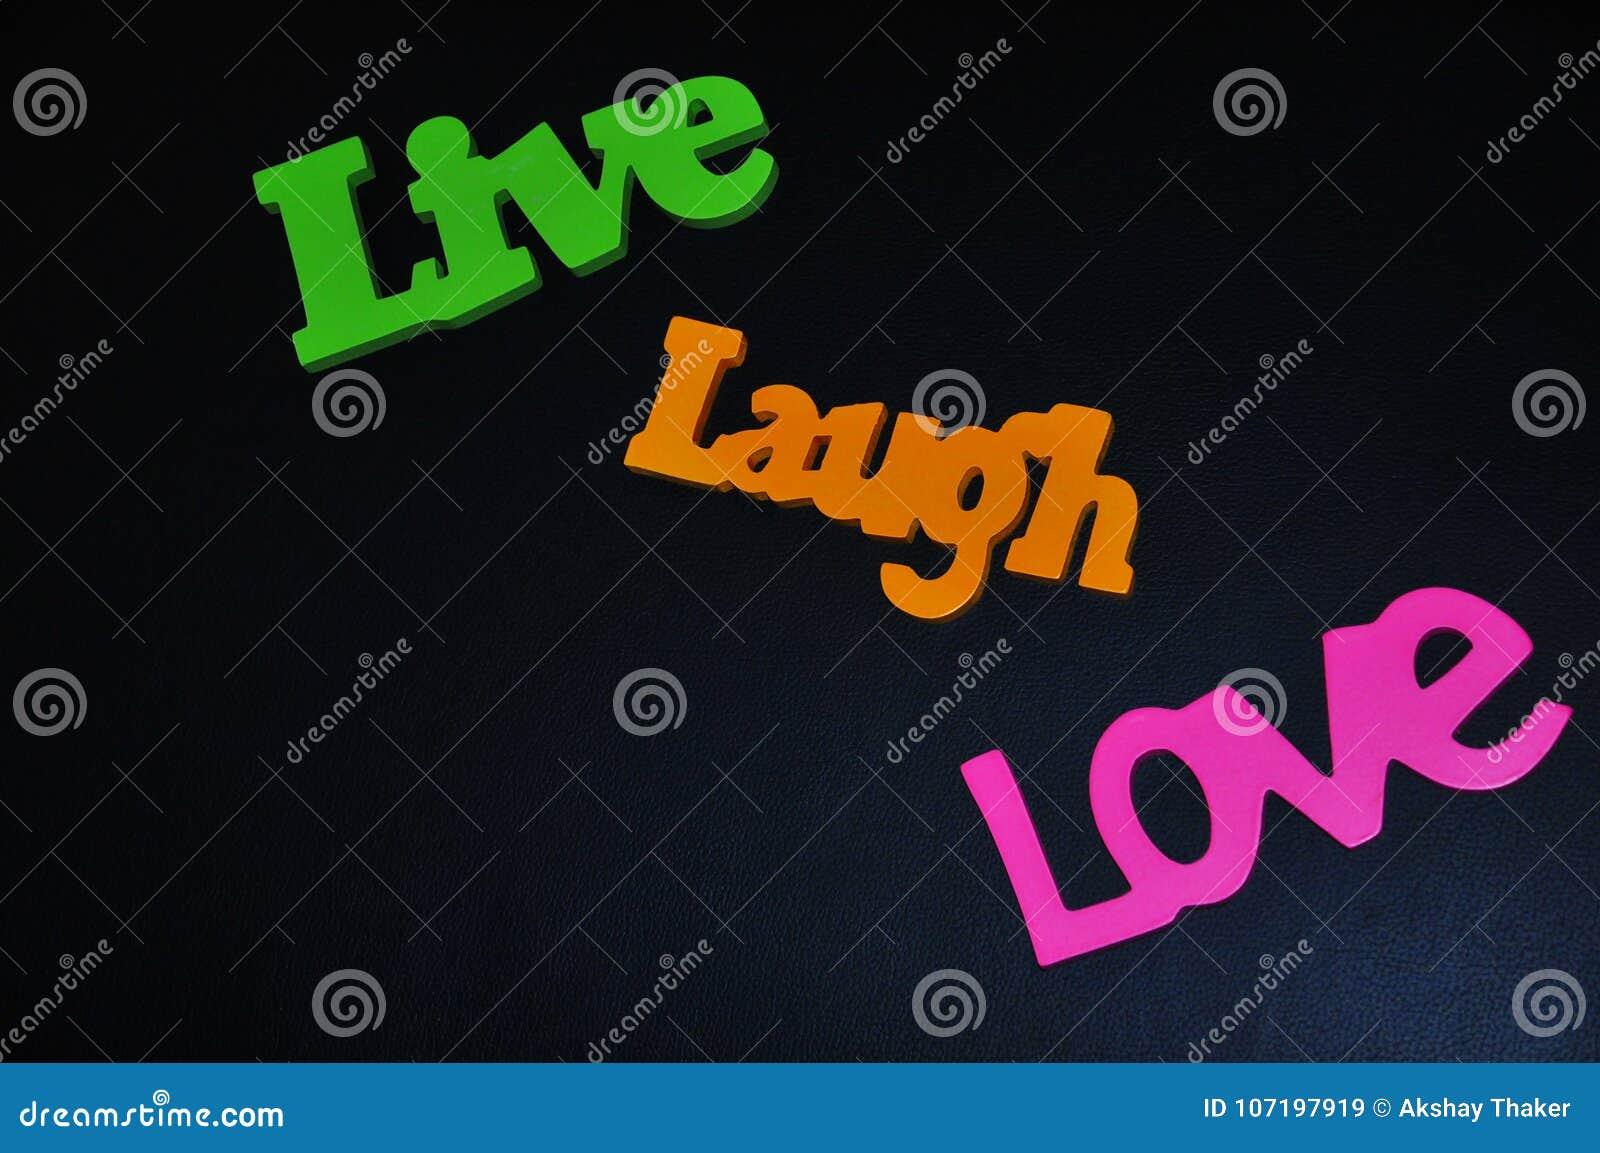 Inspirierend Wörter Des Glücklichen Lebens Leben Lachen Und Lieben